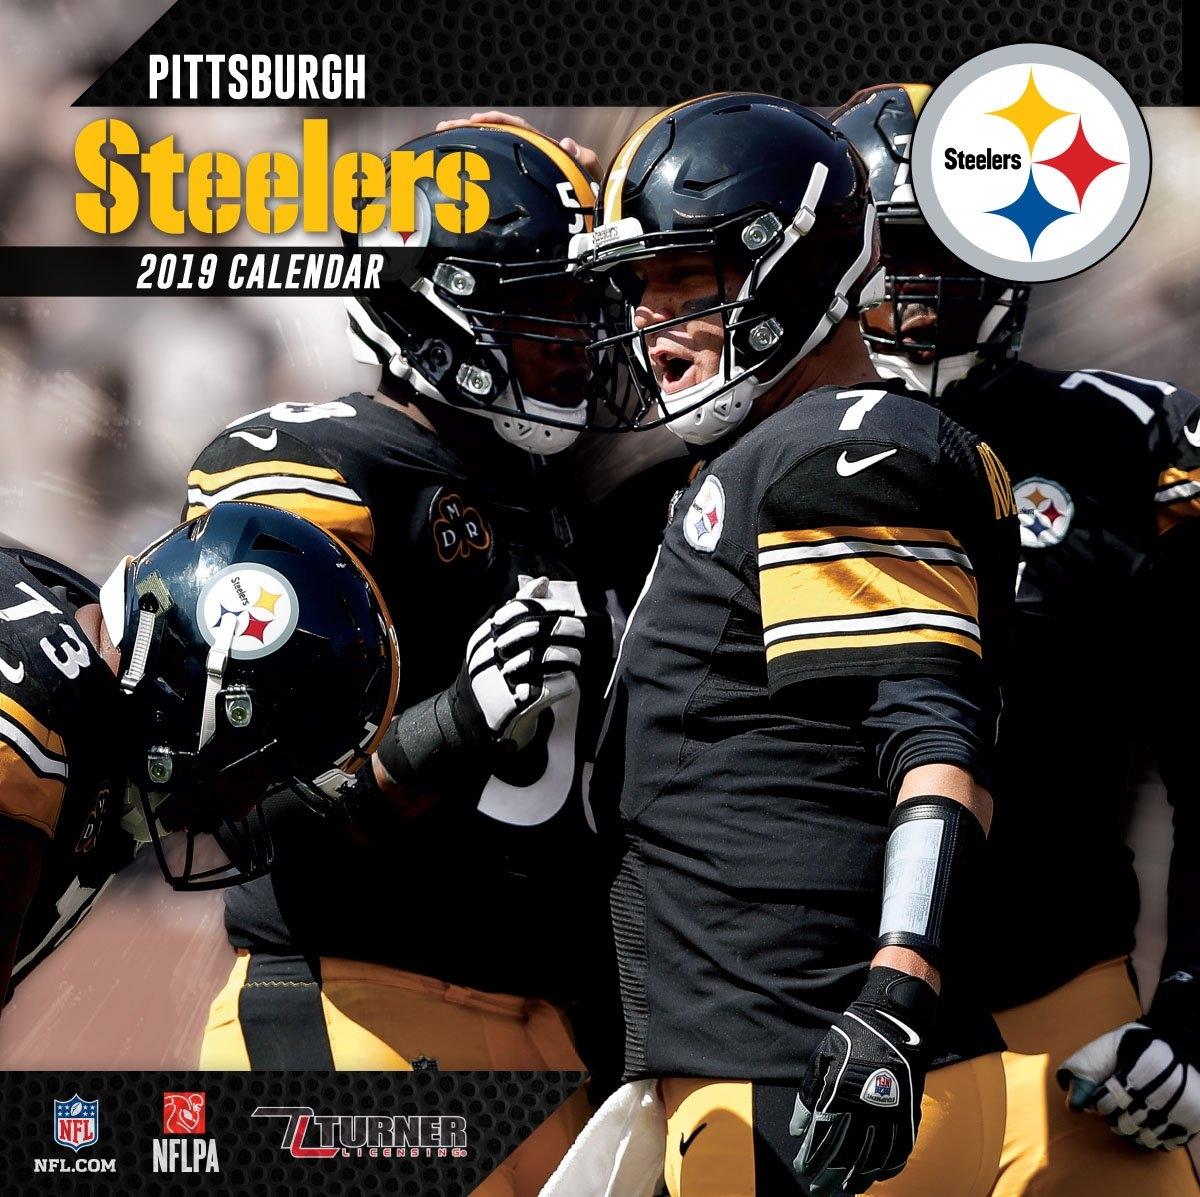 2019 12X12 Team Wall Calendar, Pittsburgh Steelers - Walmart Calendar 2019 Walmart